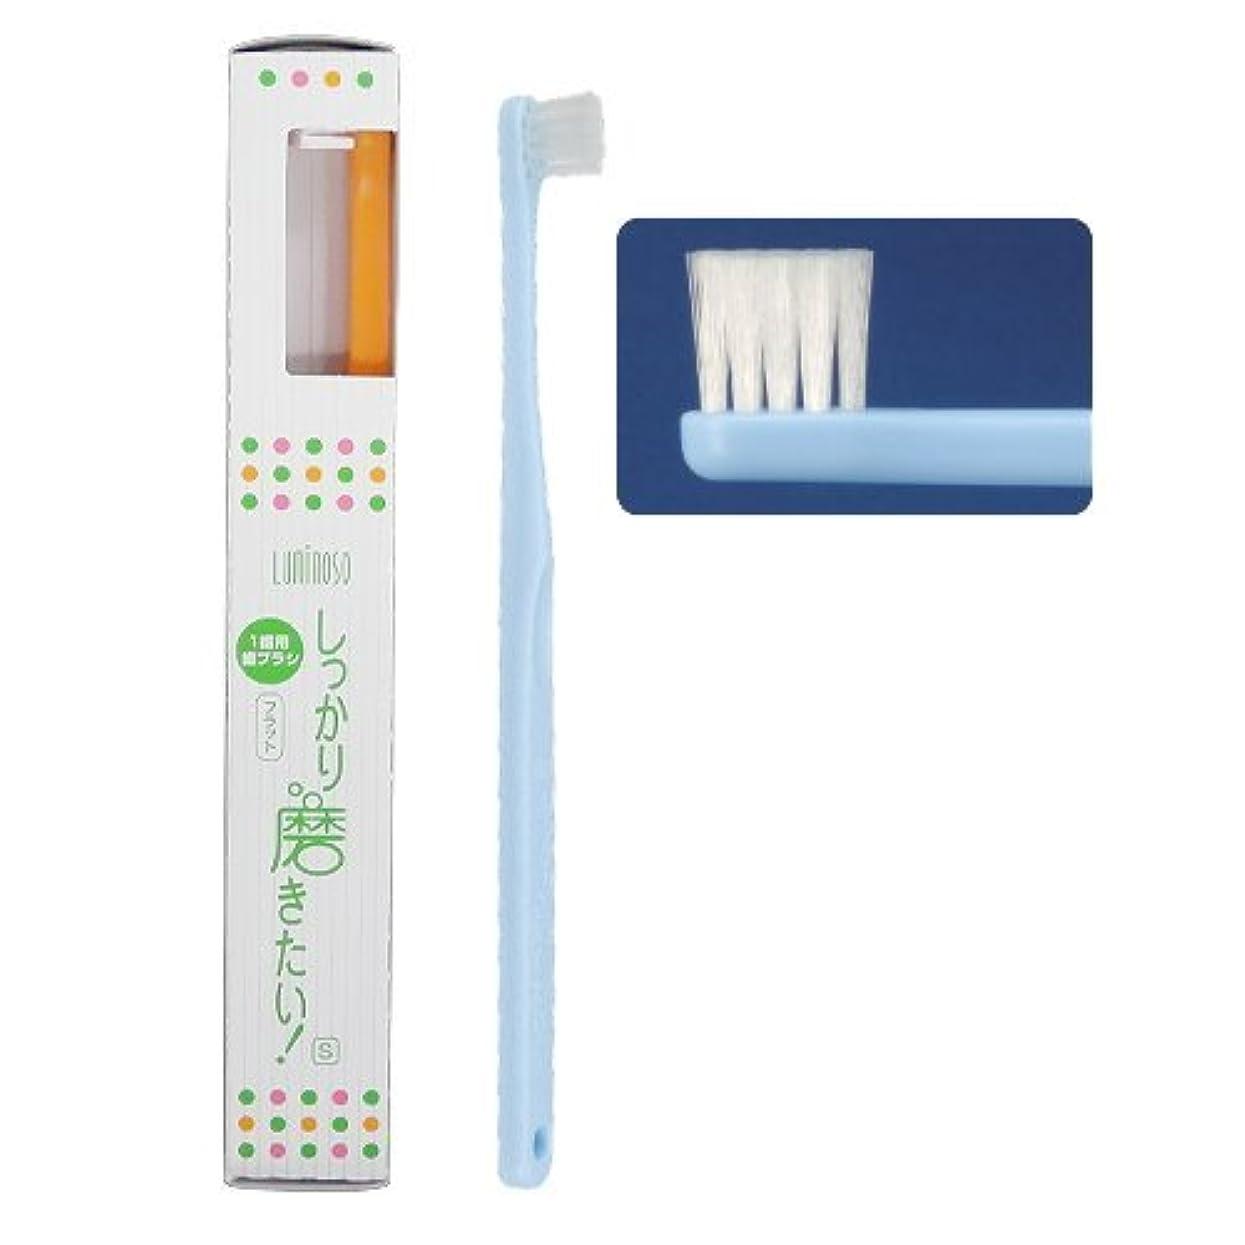 誤役員出血ルミノソ 1歯用歯ブラシ 「しっかり磨きたい!」 フラット ソフト (カラー指定不可) 5本